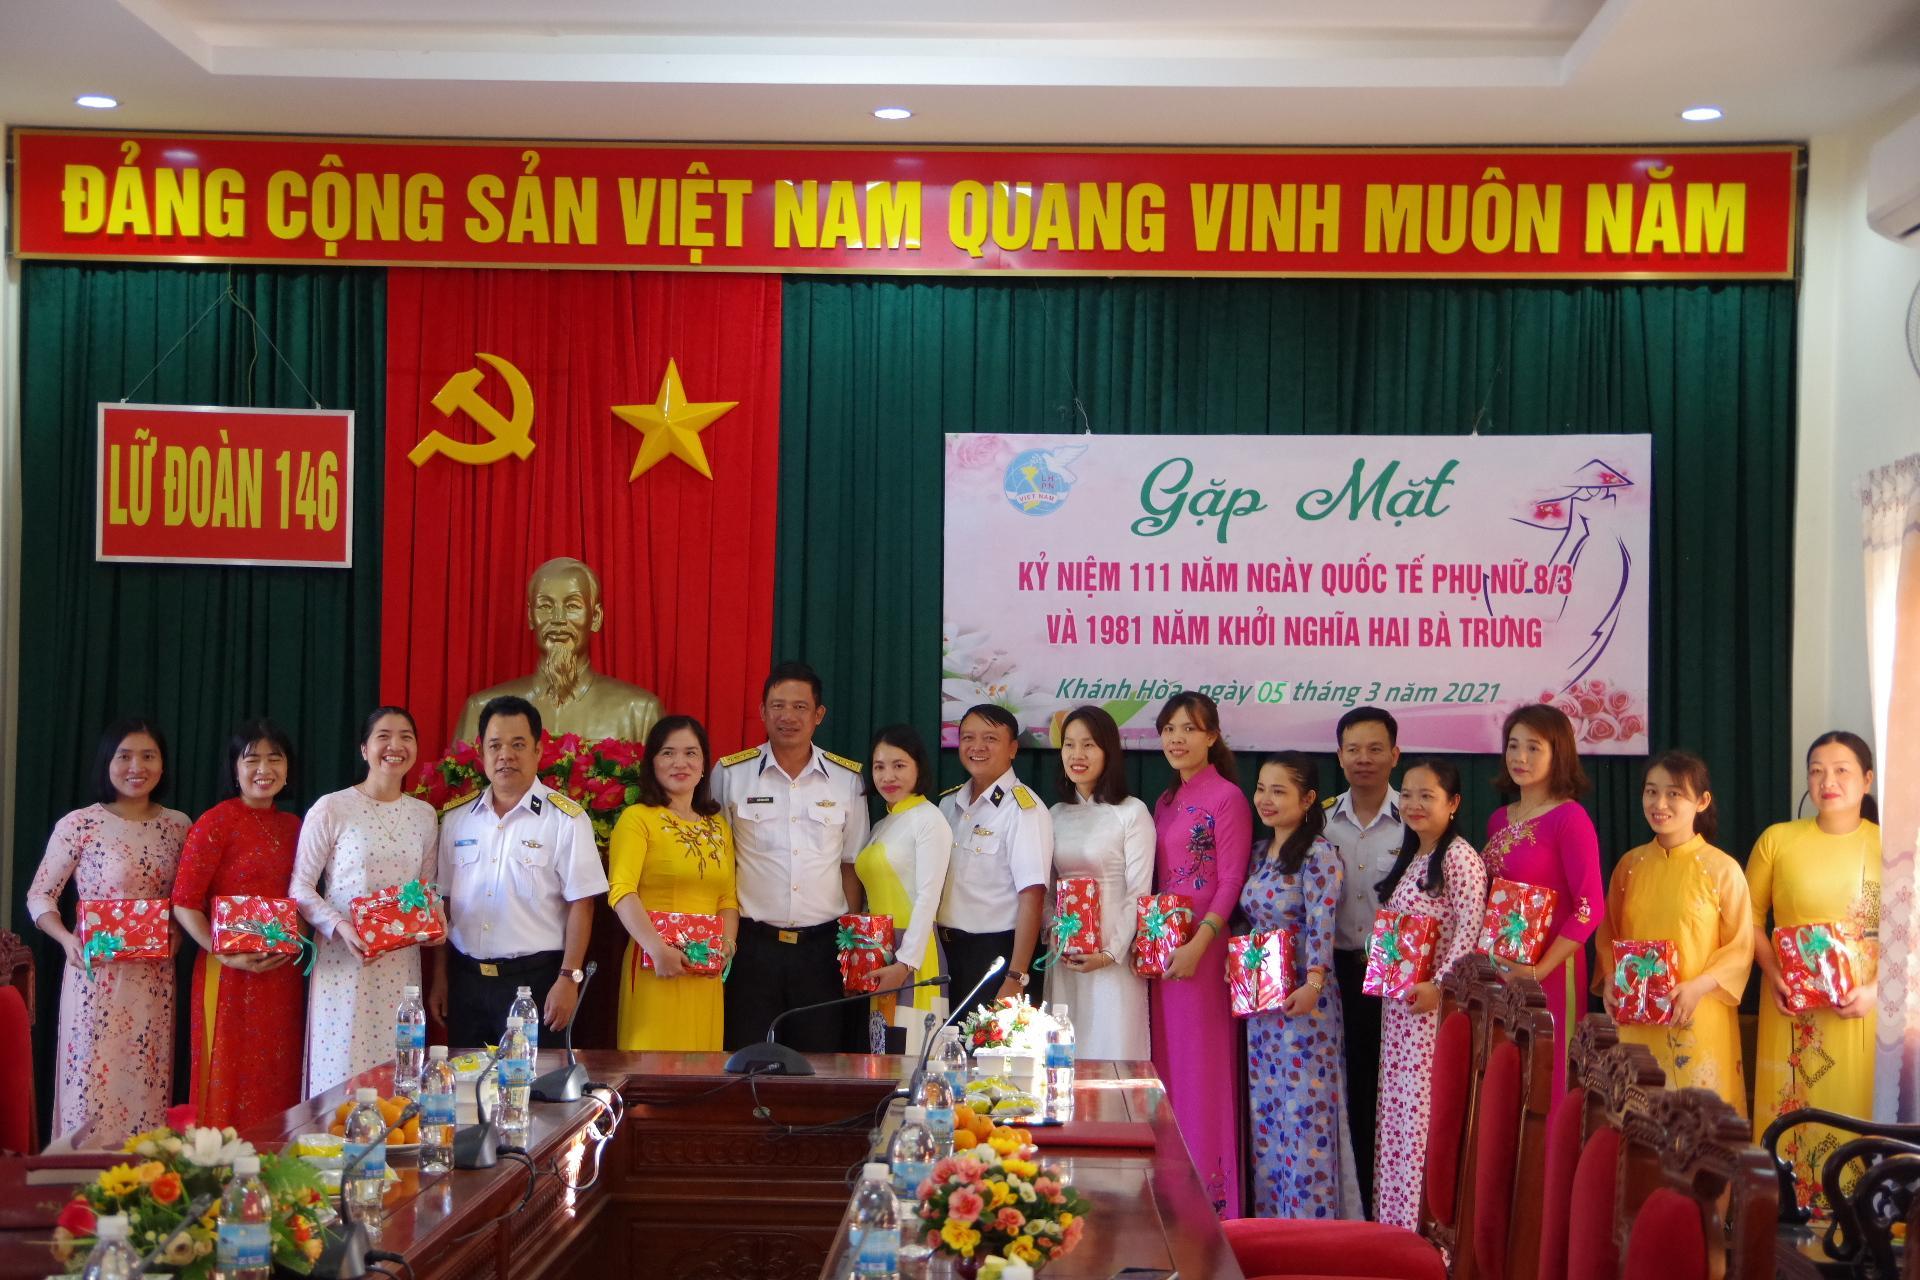 Đoàn Trường Sa gặp mặt kỷ niệm 111 năm Ngày Quốc tế Phụ nữ Ảnh 1